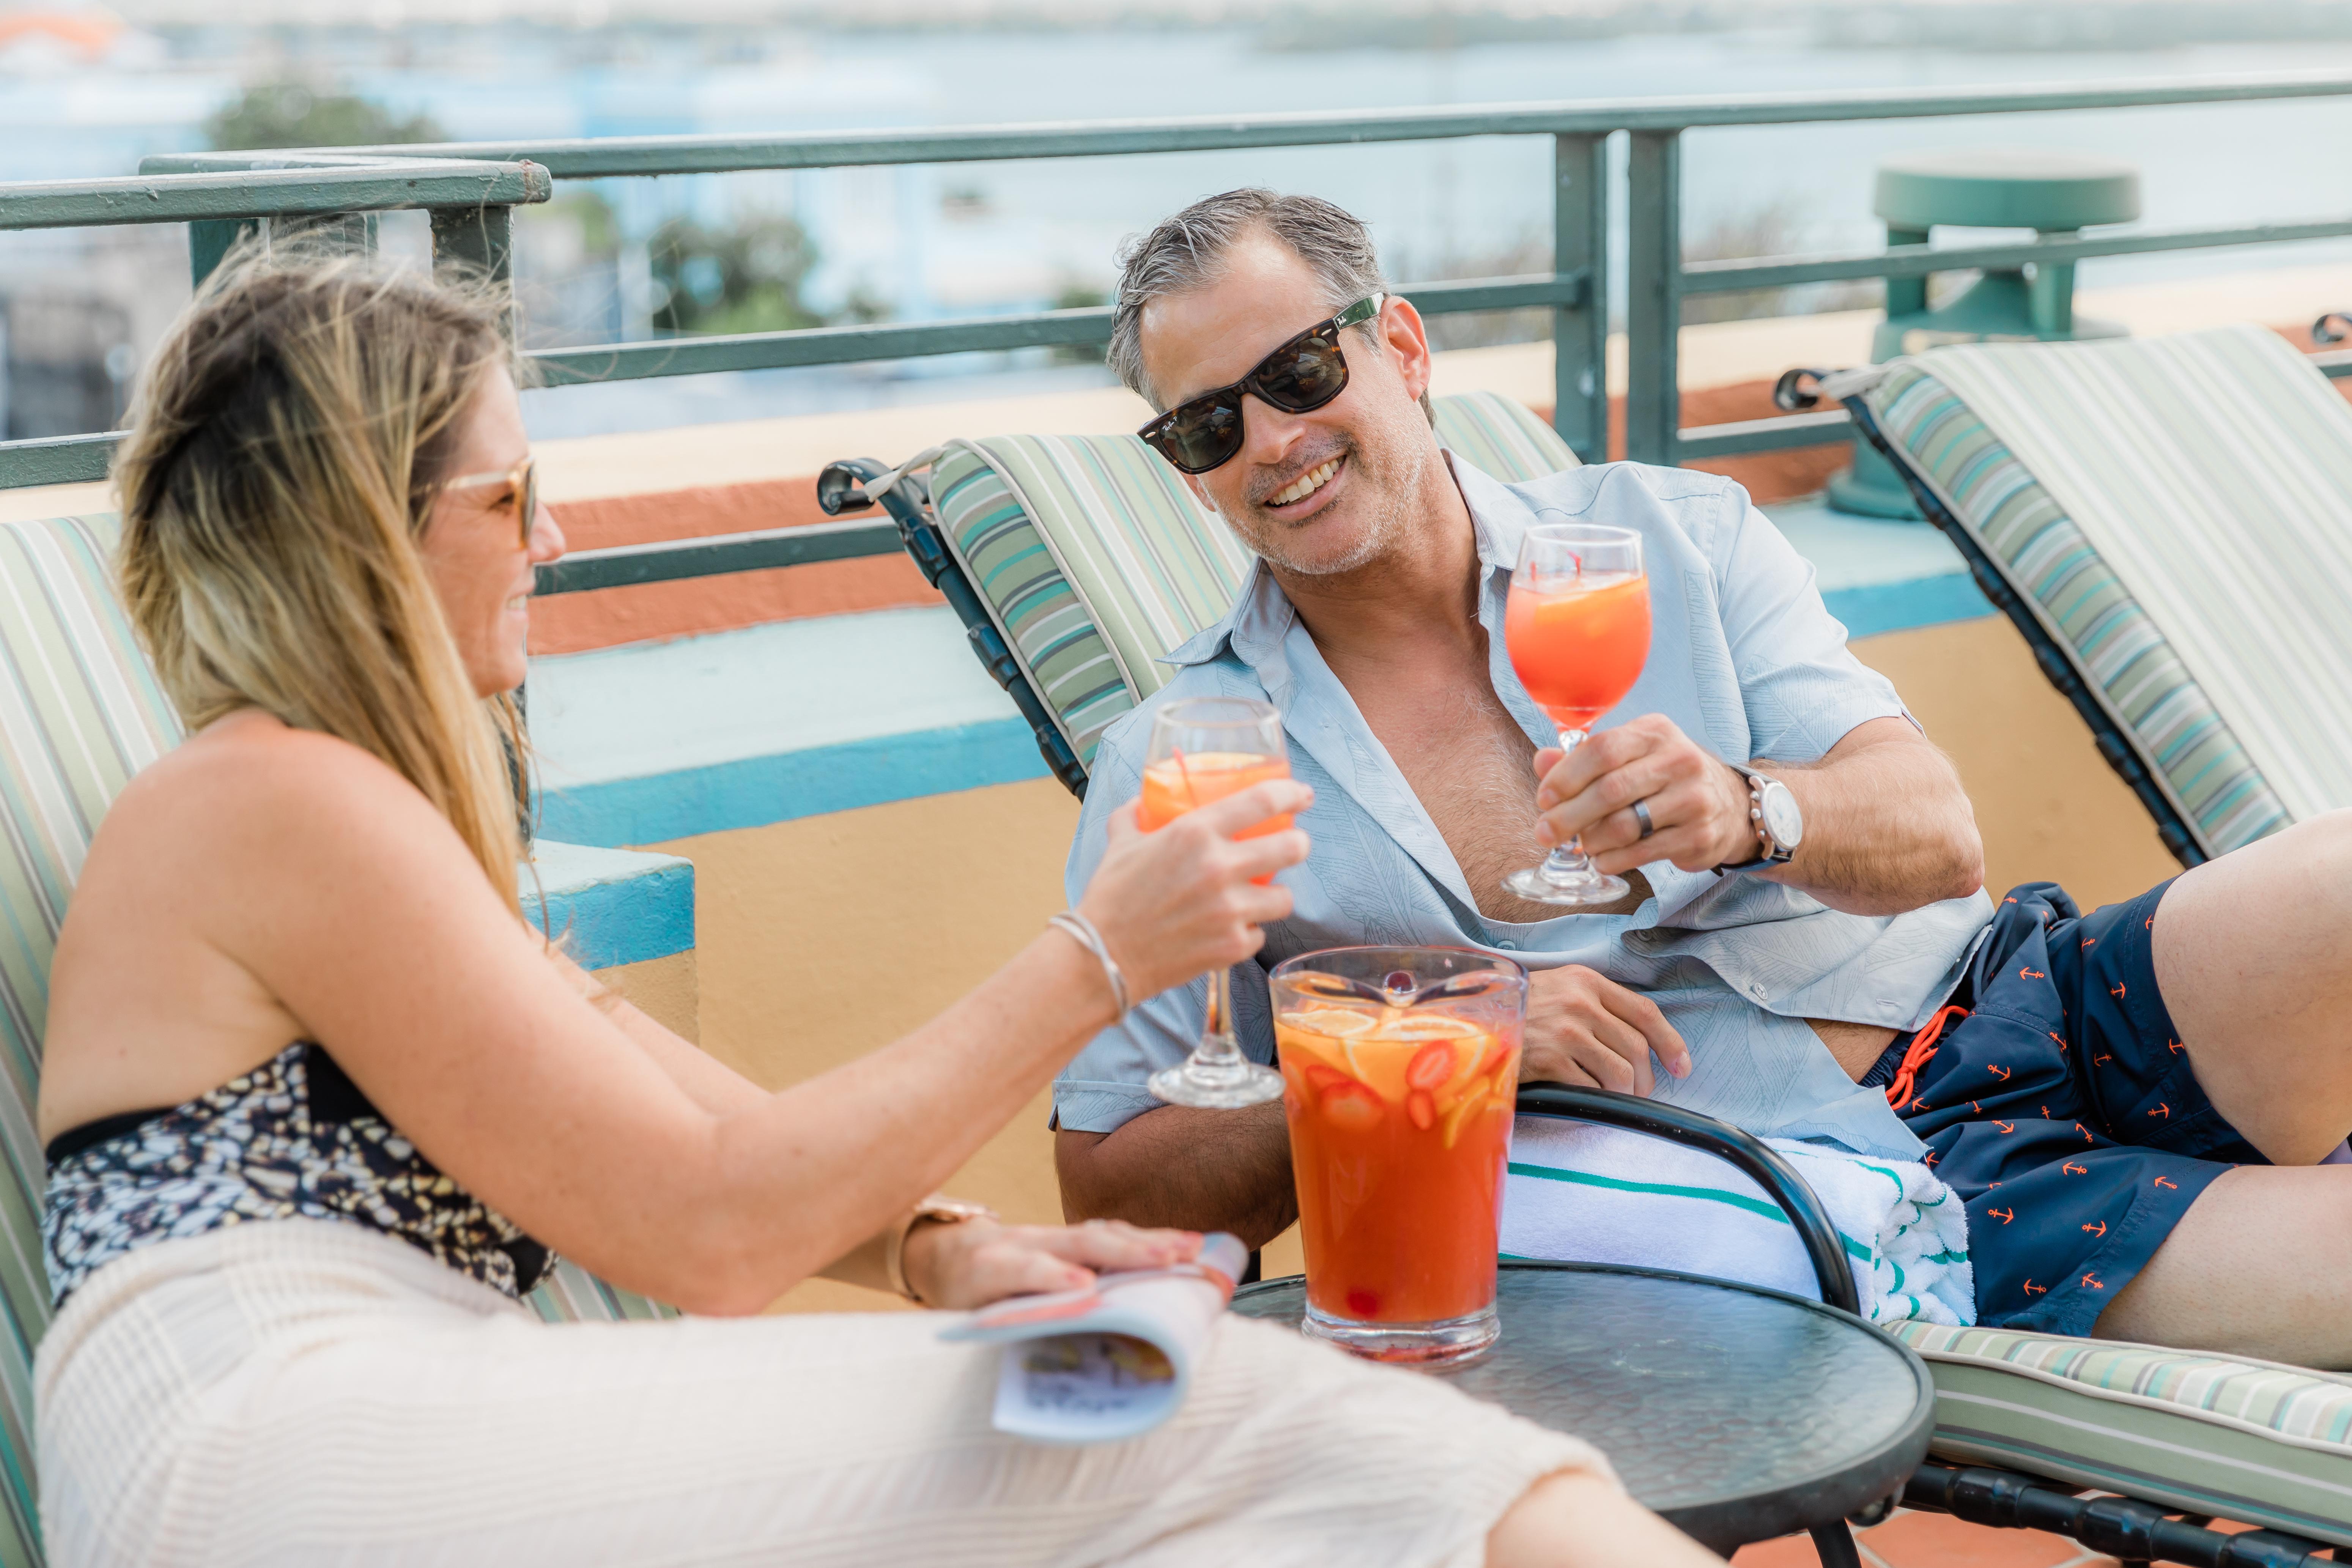 couple relaxing in terrace